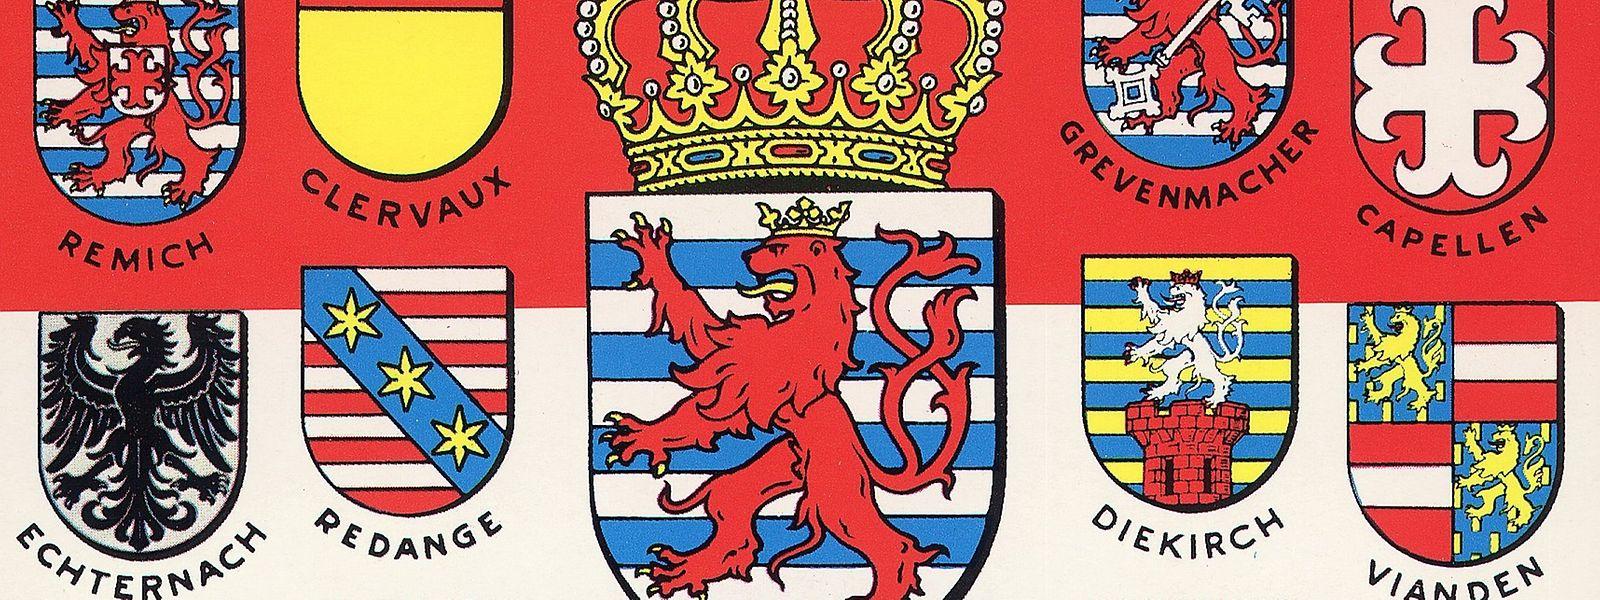 Die mehrjährige Luxroots-Reise durch die Geschichte der Luxemburger Kantone beginnt in Vianden.